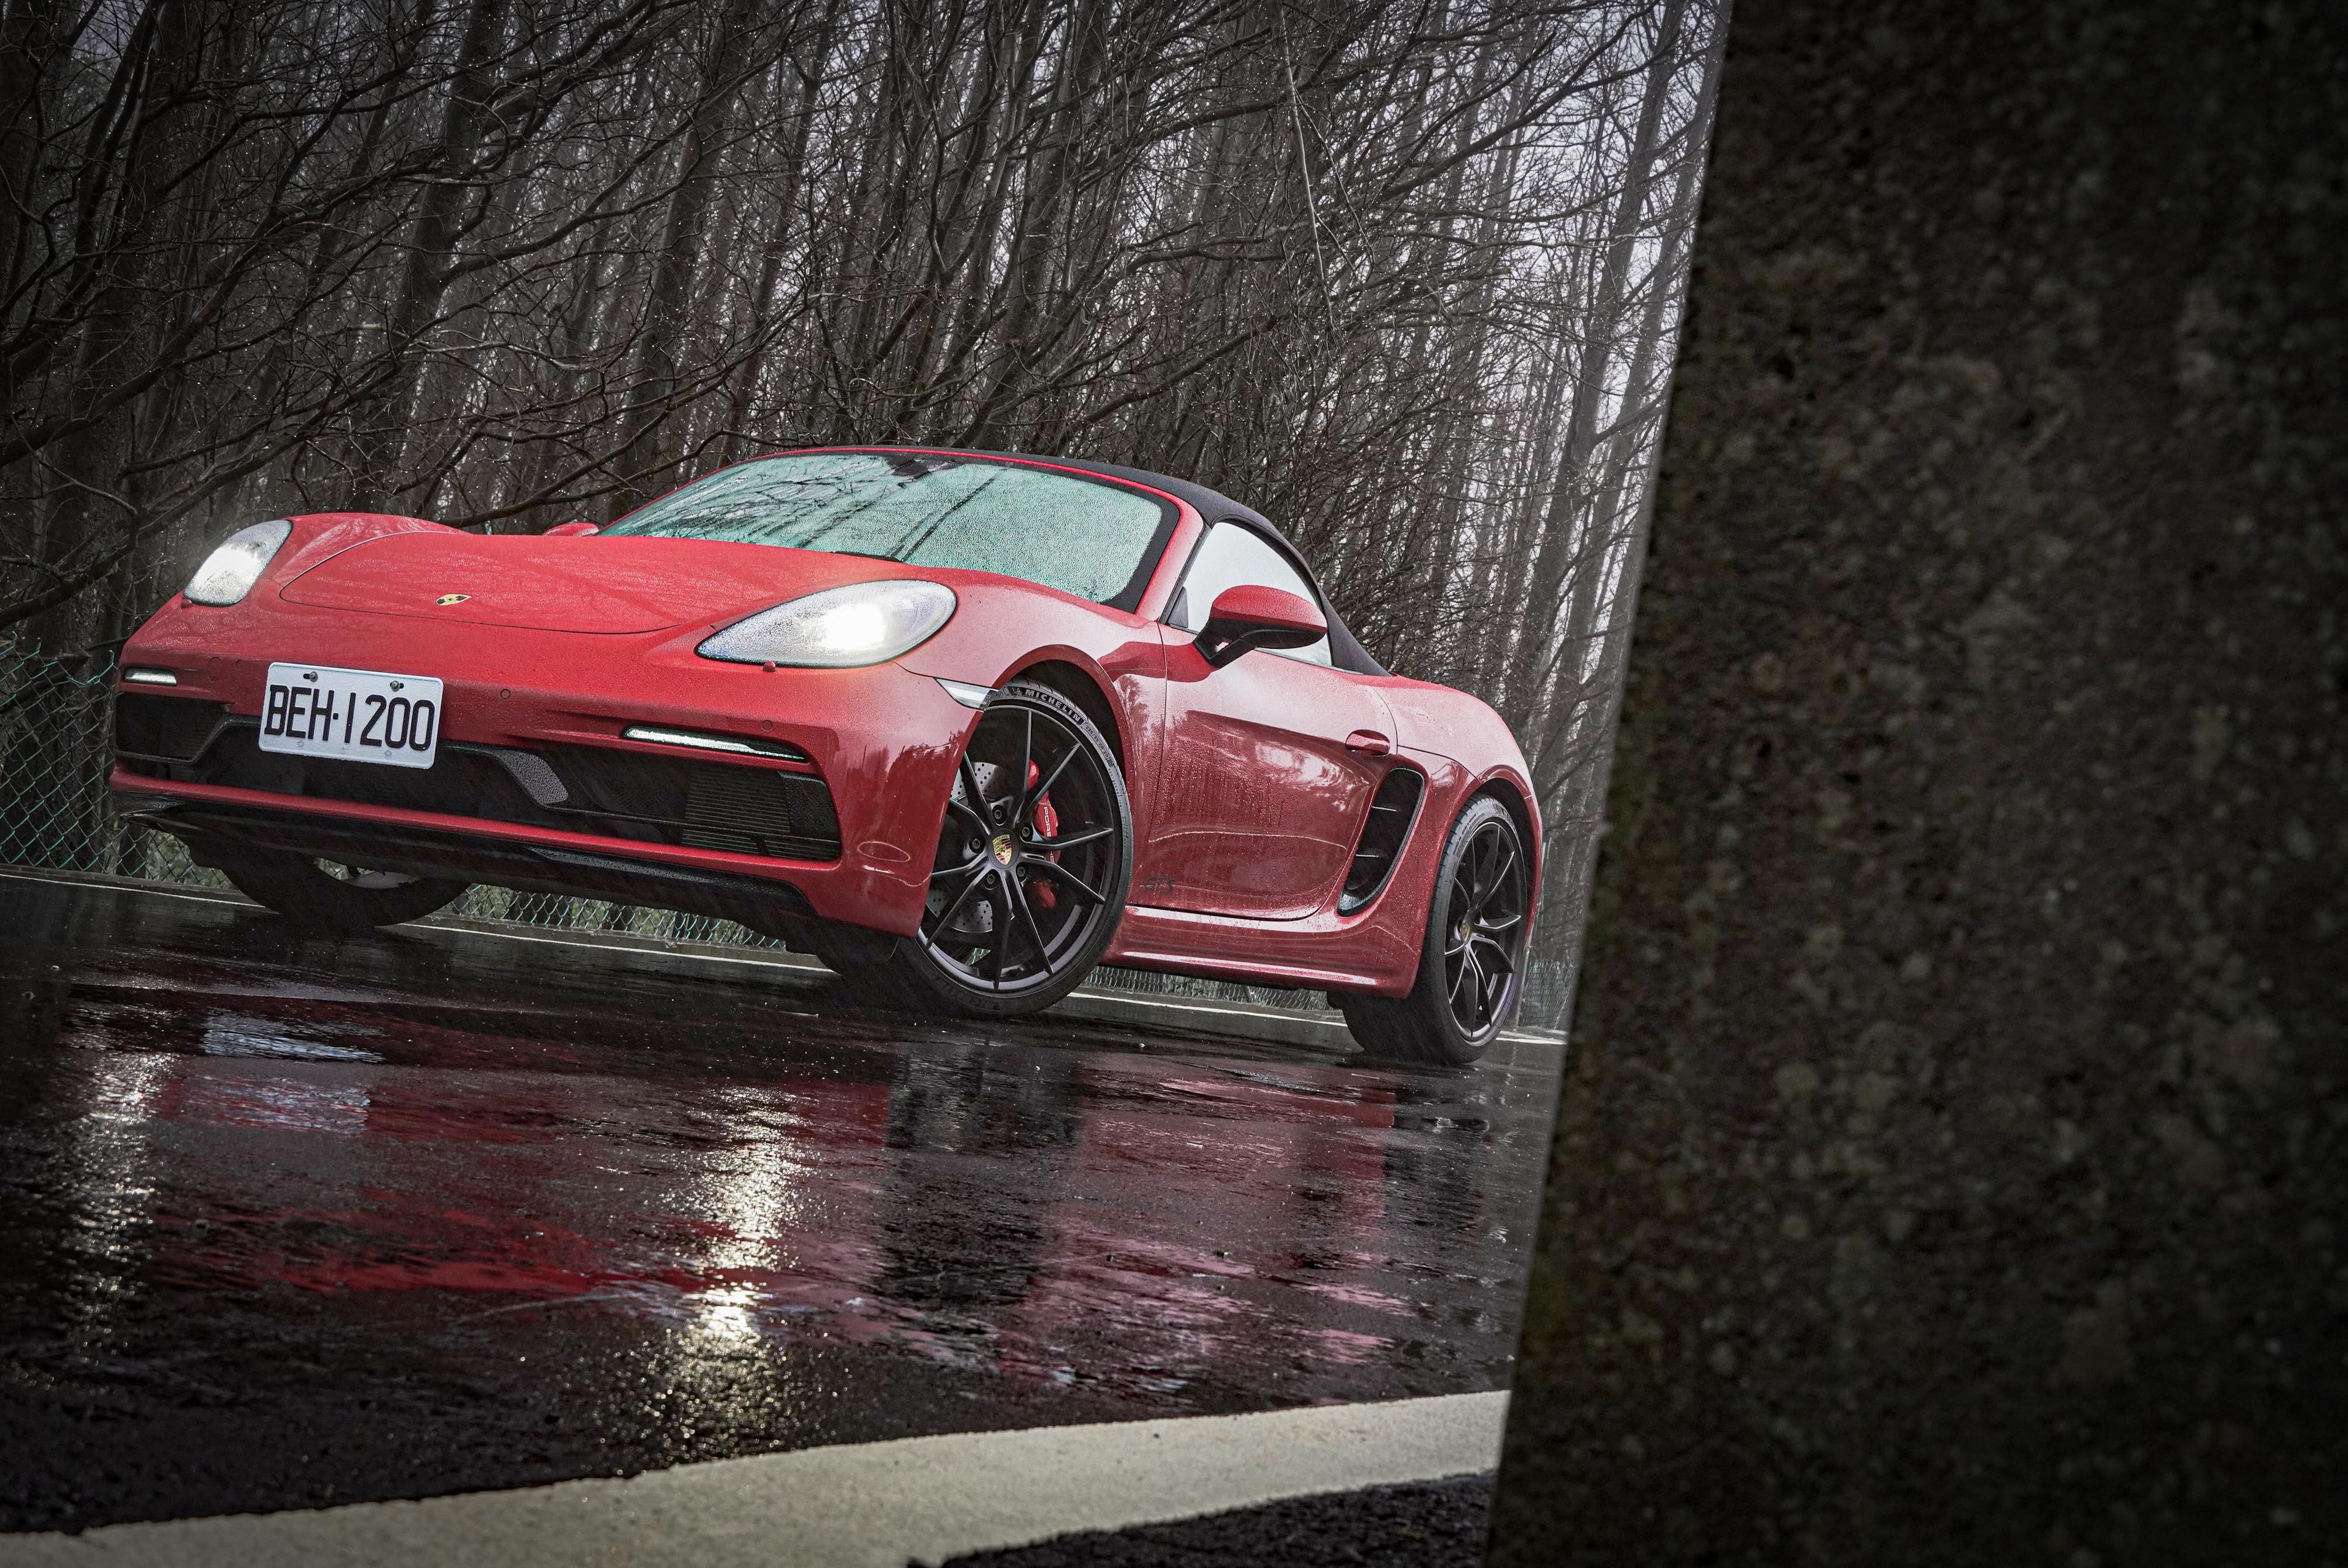 Porsche 718 Boxster GTS 售價 423 萬起。